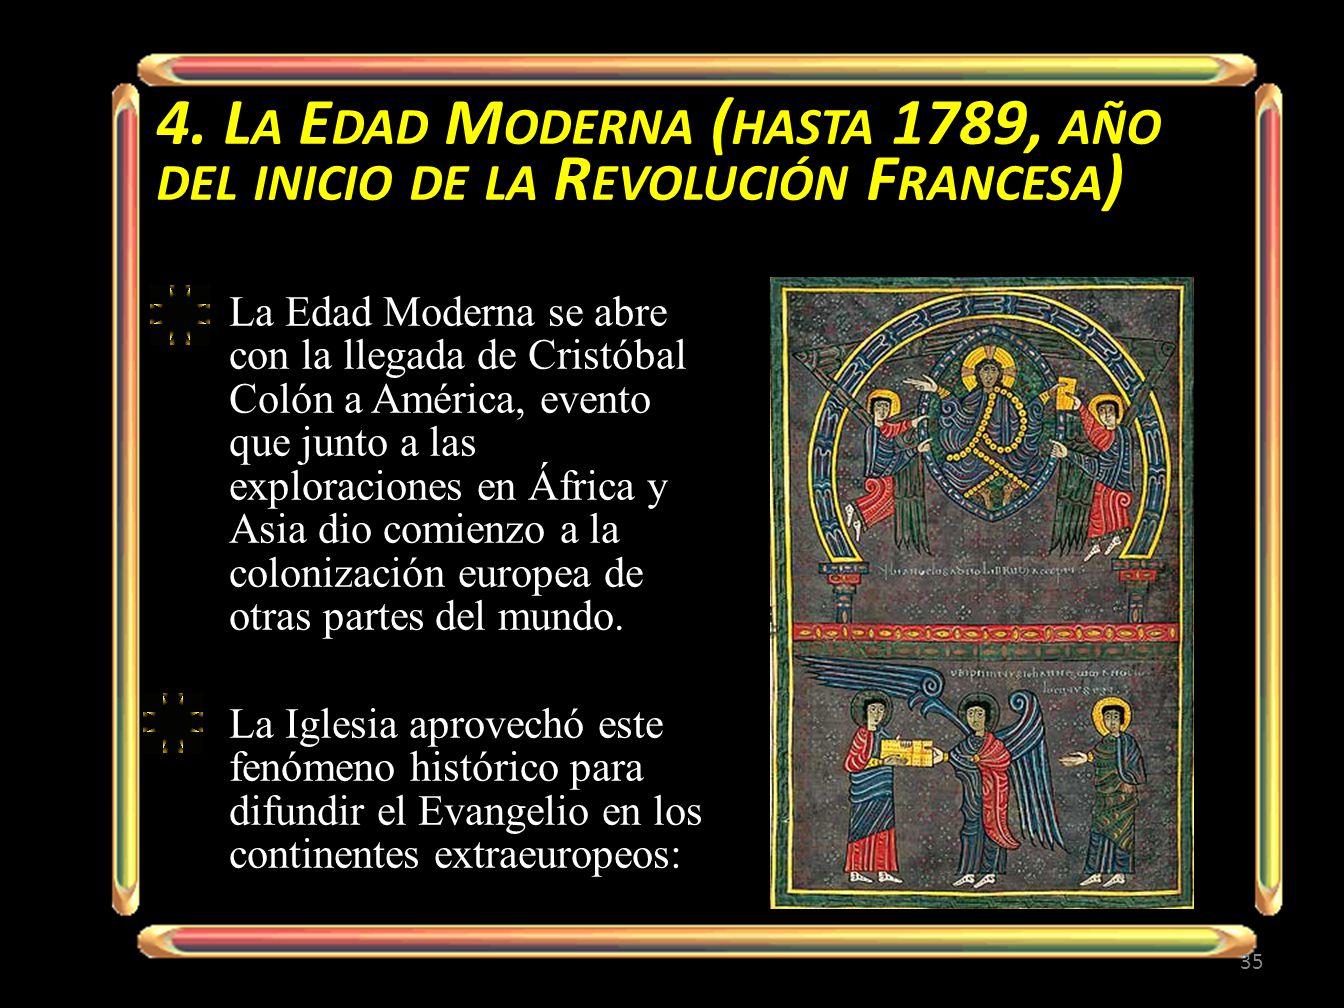 4. L A E DAD M ODERNA ( HASTA 1789, AÑO DEL INICIO DE LA R EVOLUCIÓN F RANCESA ) La Edad Moderna se abre con la llegada de Cristóbal Colón a América,